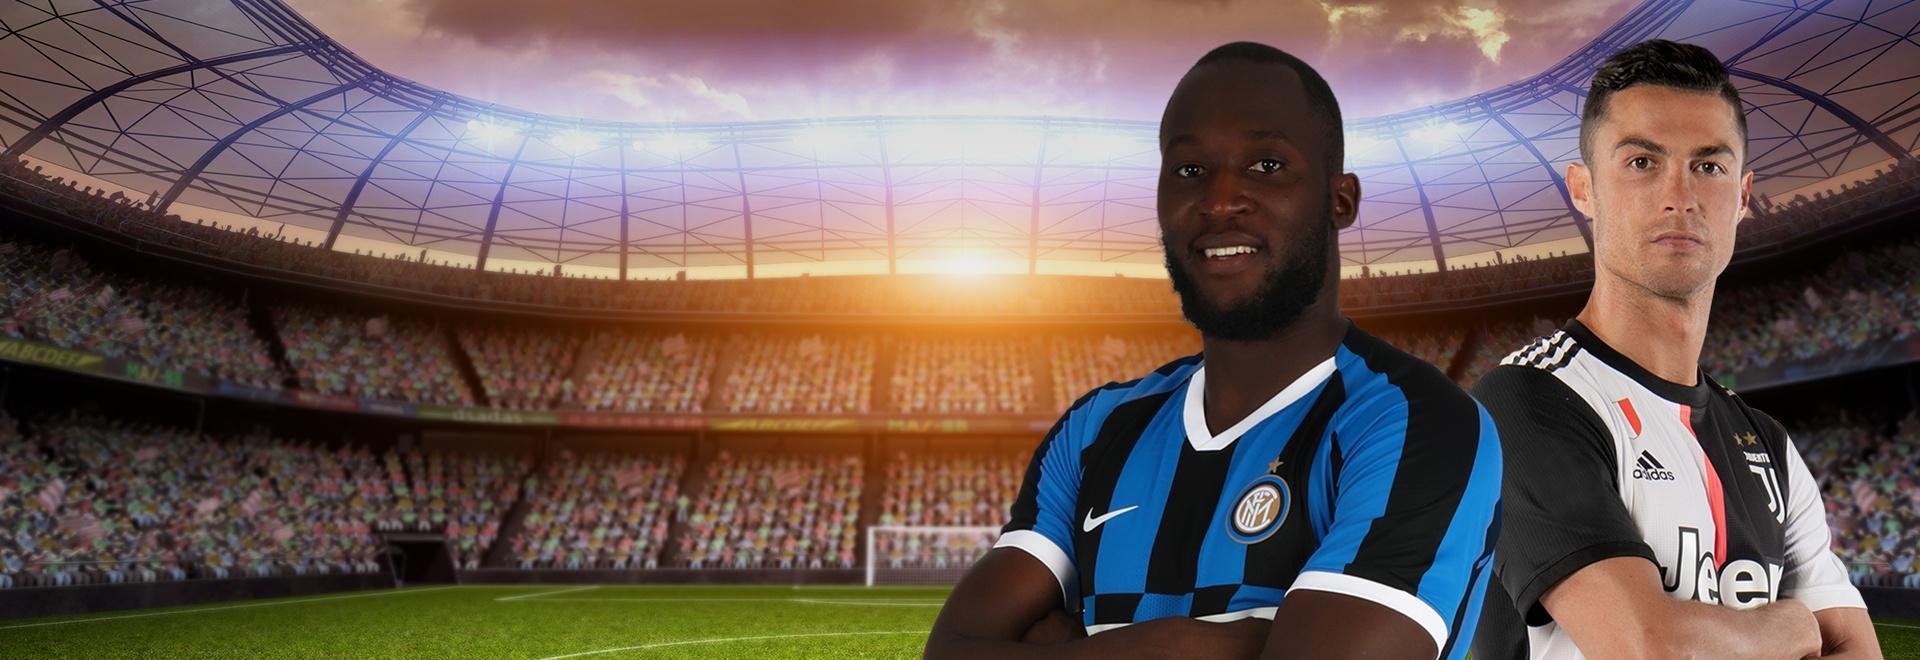 Inter - Juventus